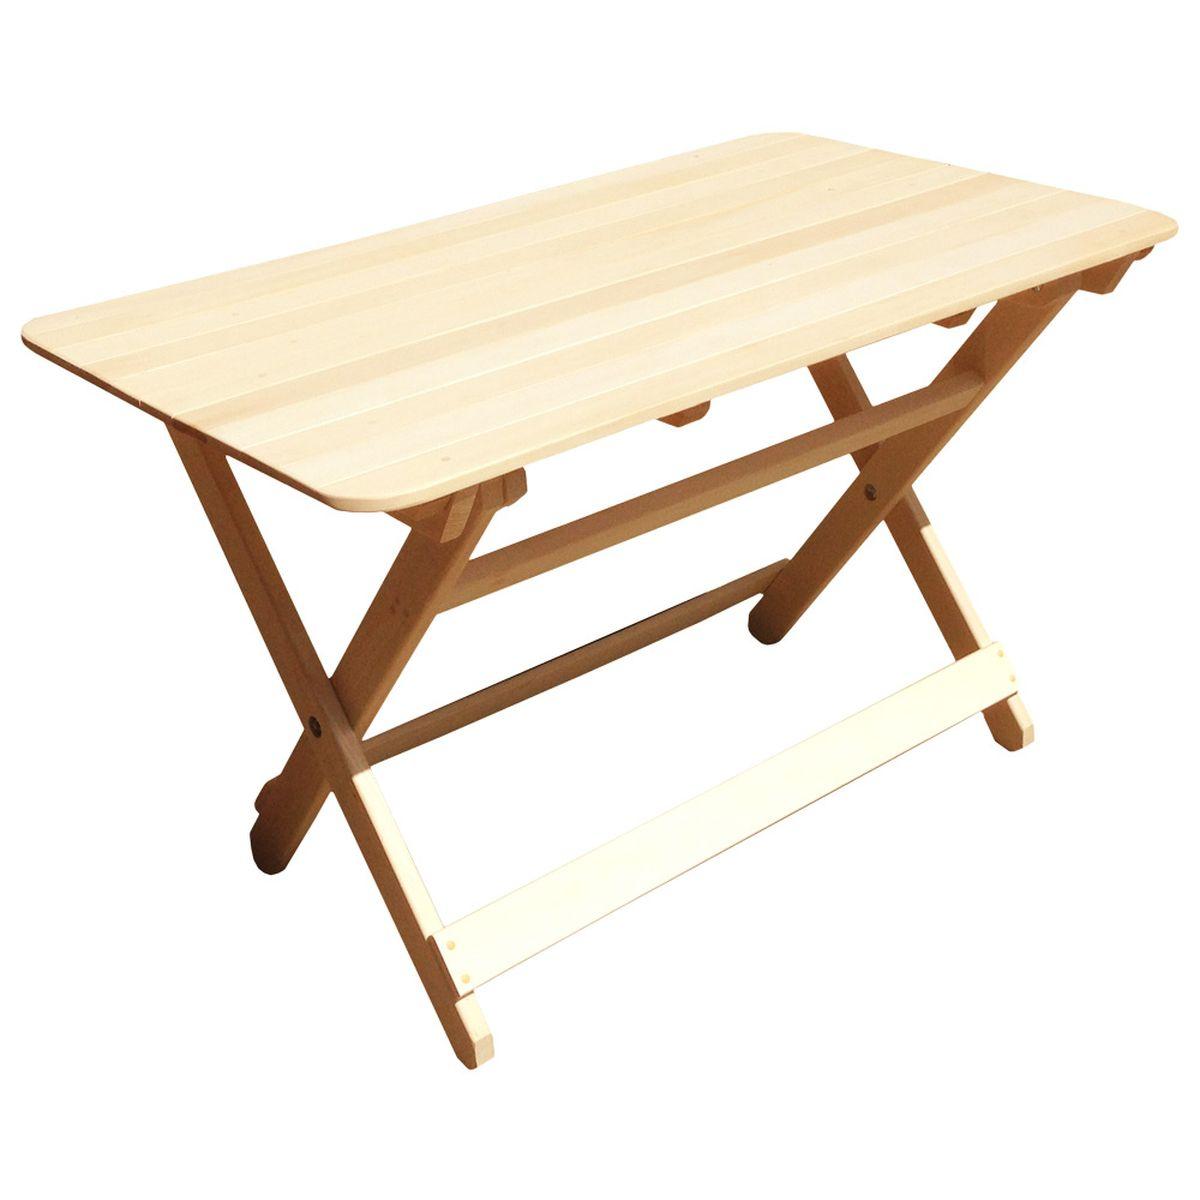 Стол раскладной Банные штучки, 120 х 90 х 72 см32457Складной стол Банные штучки, выполненный из дерева, идеально подойдет для благоустройства дачного или садового участка, прекрасно впишется в интерьер дома, бани или сауны. За счет своего небольшого размера он займет мало места в багажнике, поэтому его можно взять с собой на природу.